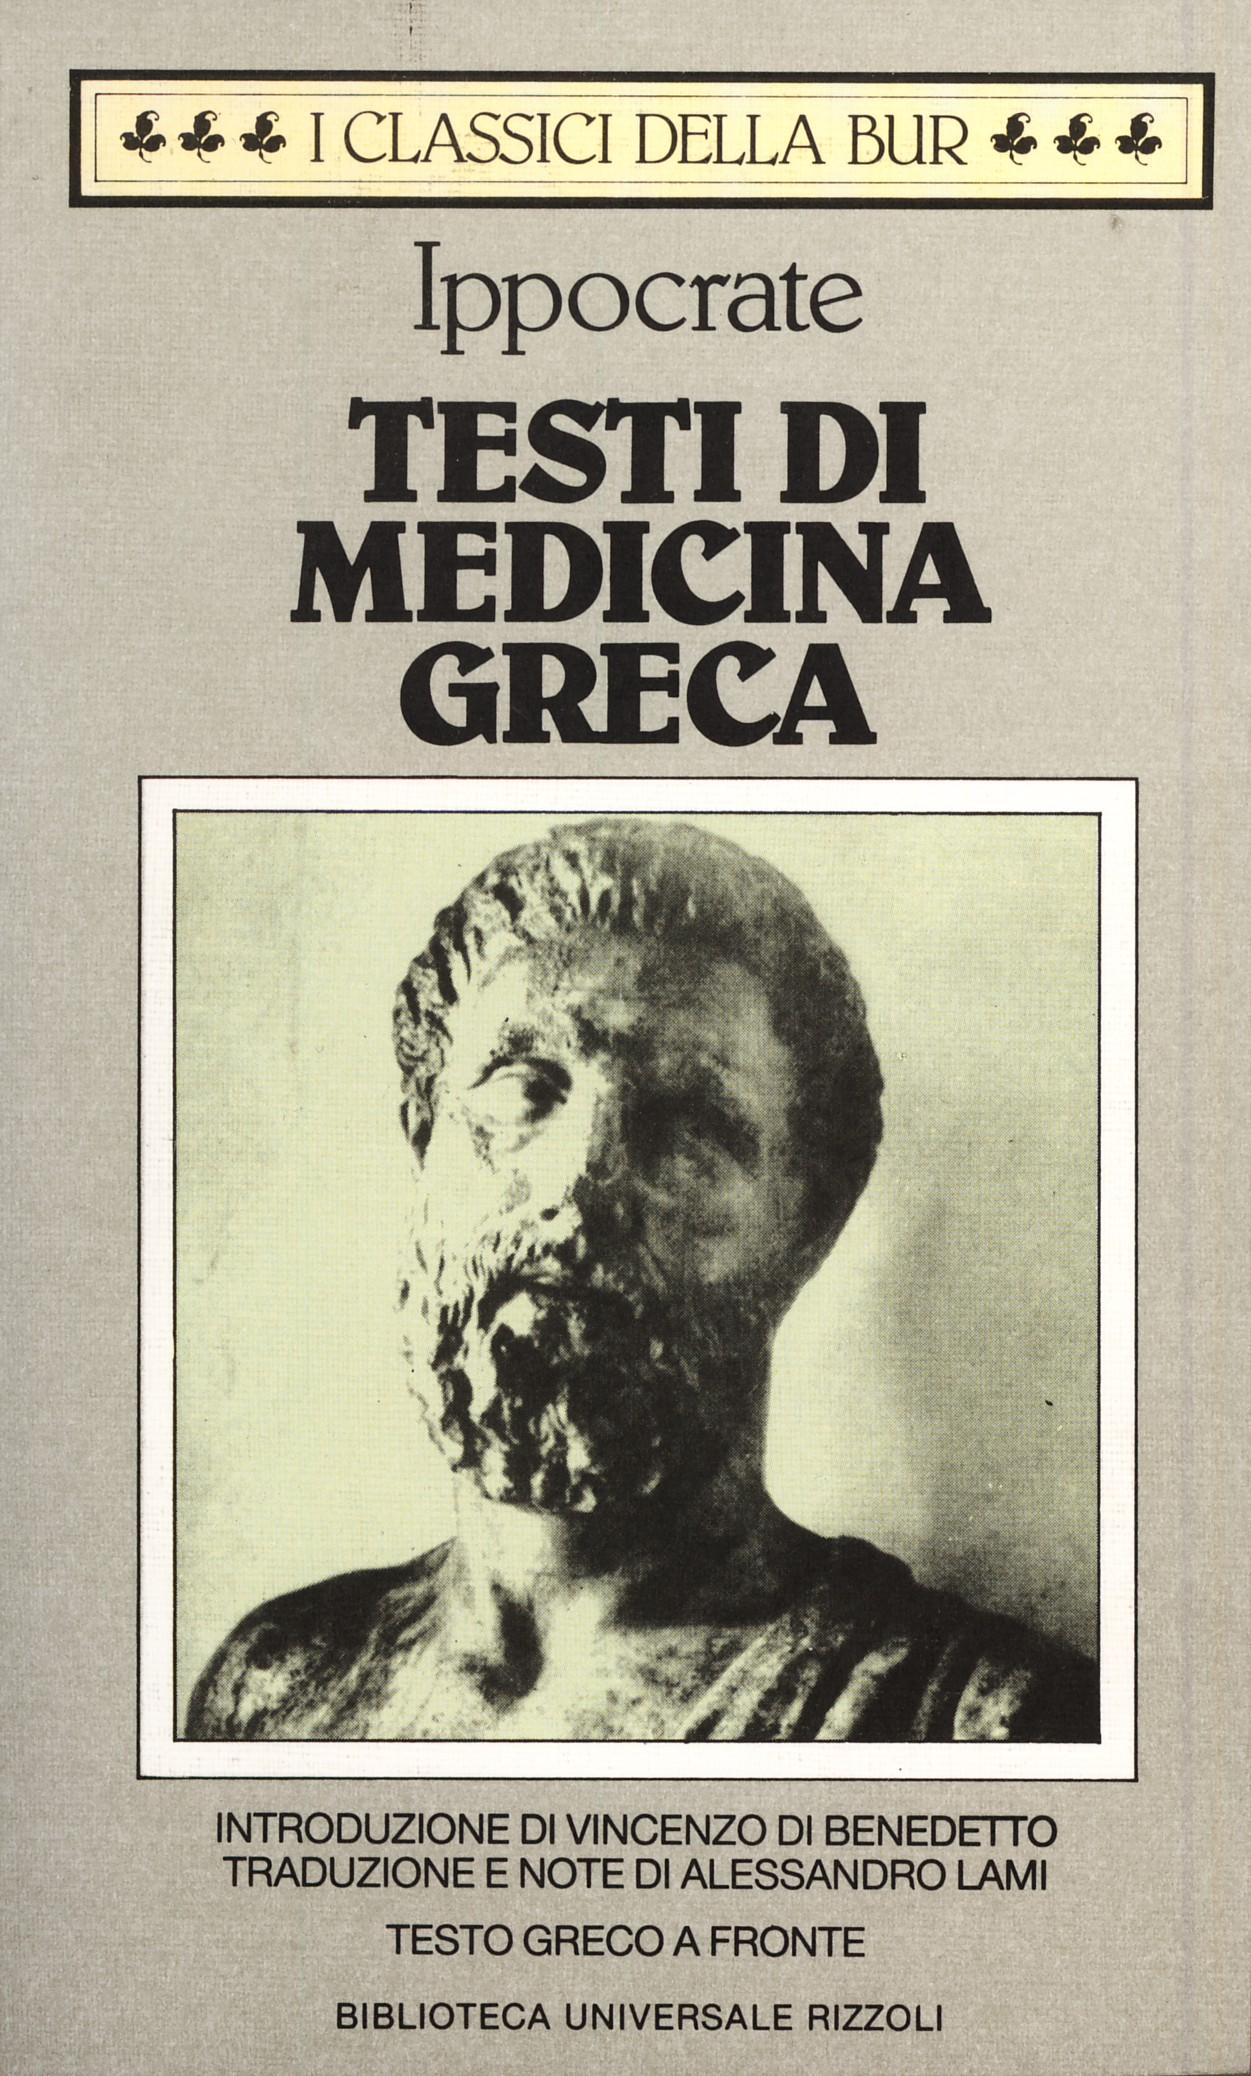 Testi di medicina greca